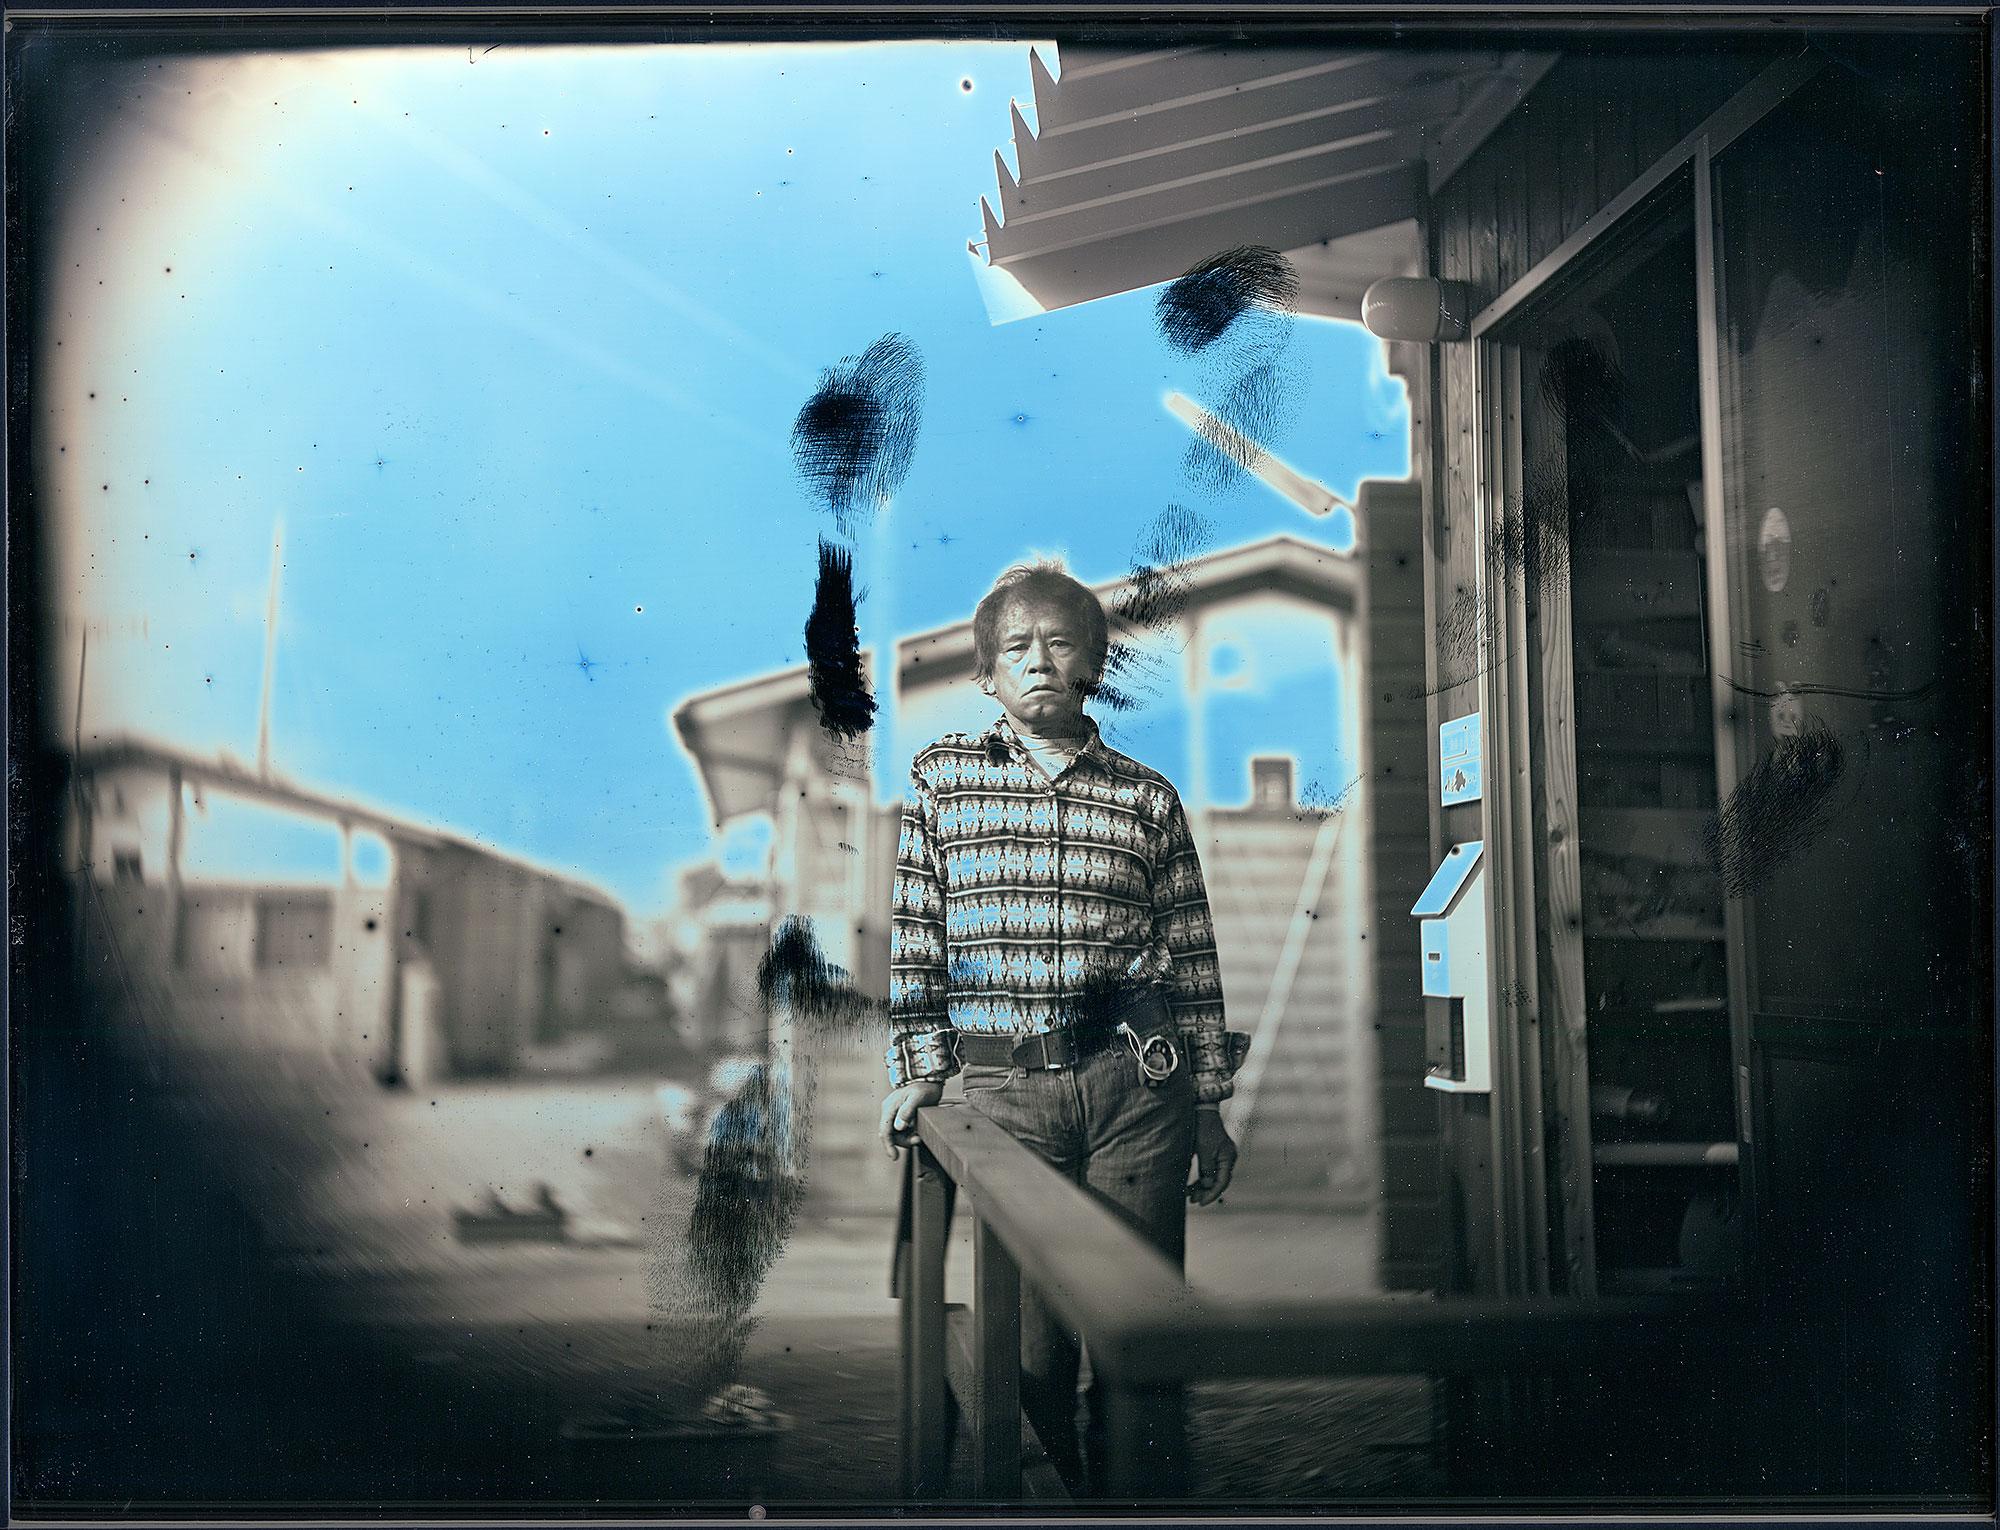 2012年1月19日、伊達市伏黒、仮設住宅、安斎徹 January 19, 2012. Toru Anzai at his Temporary Housing, Date